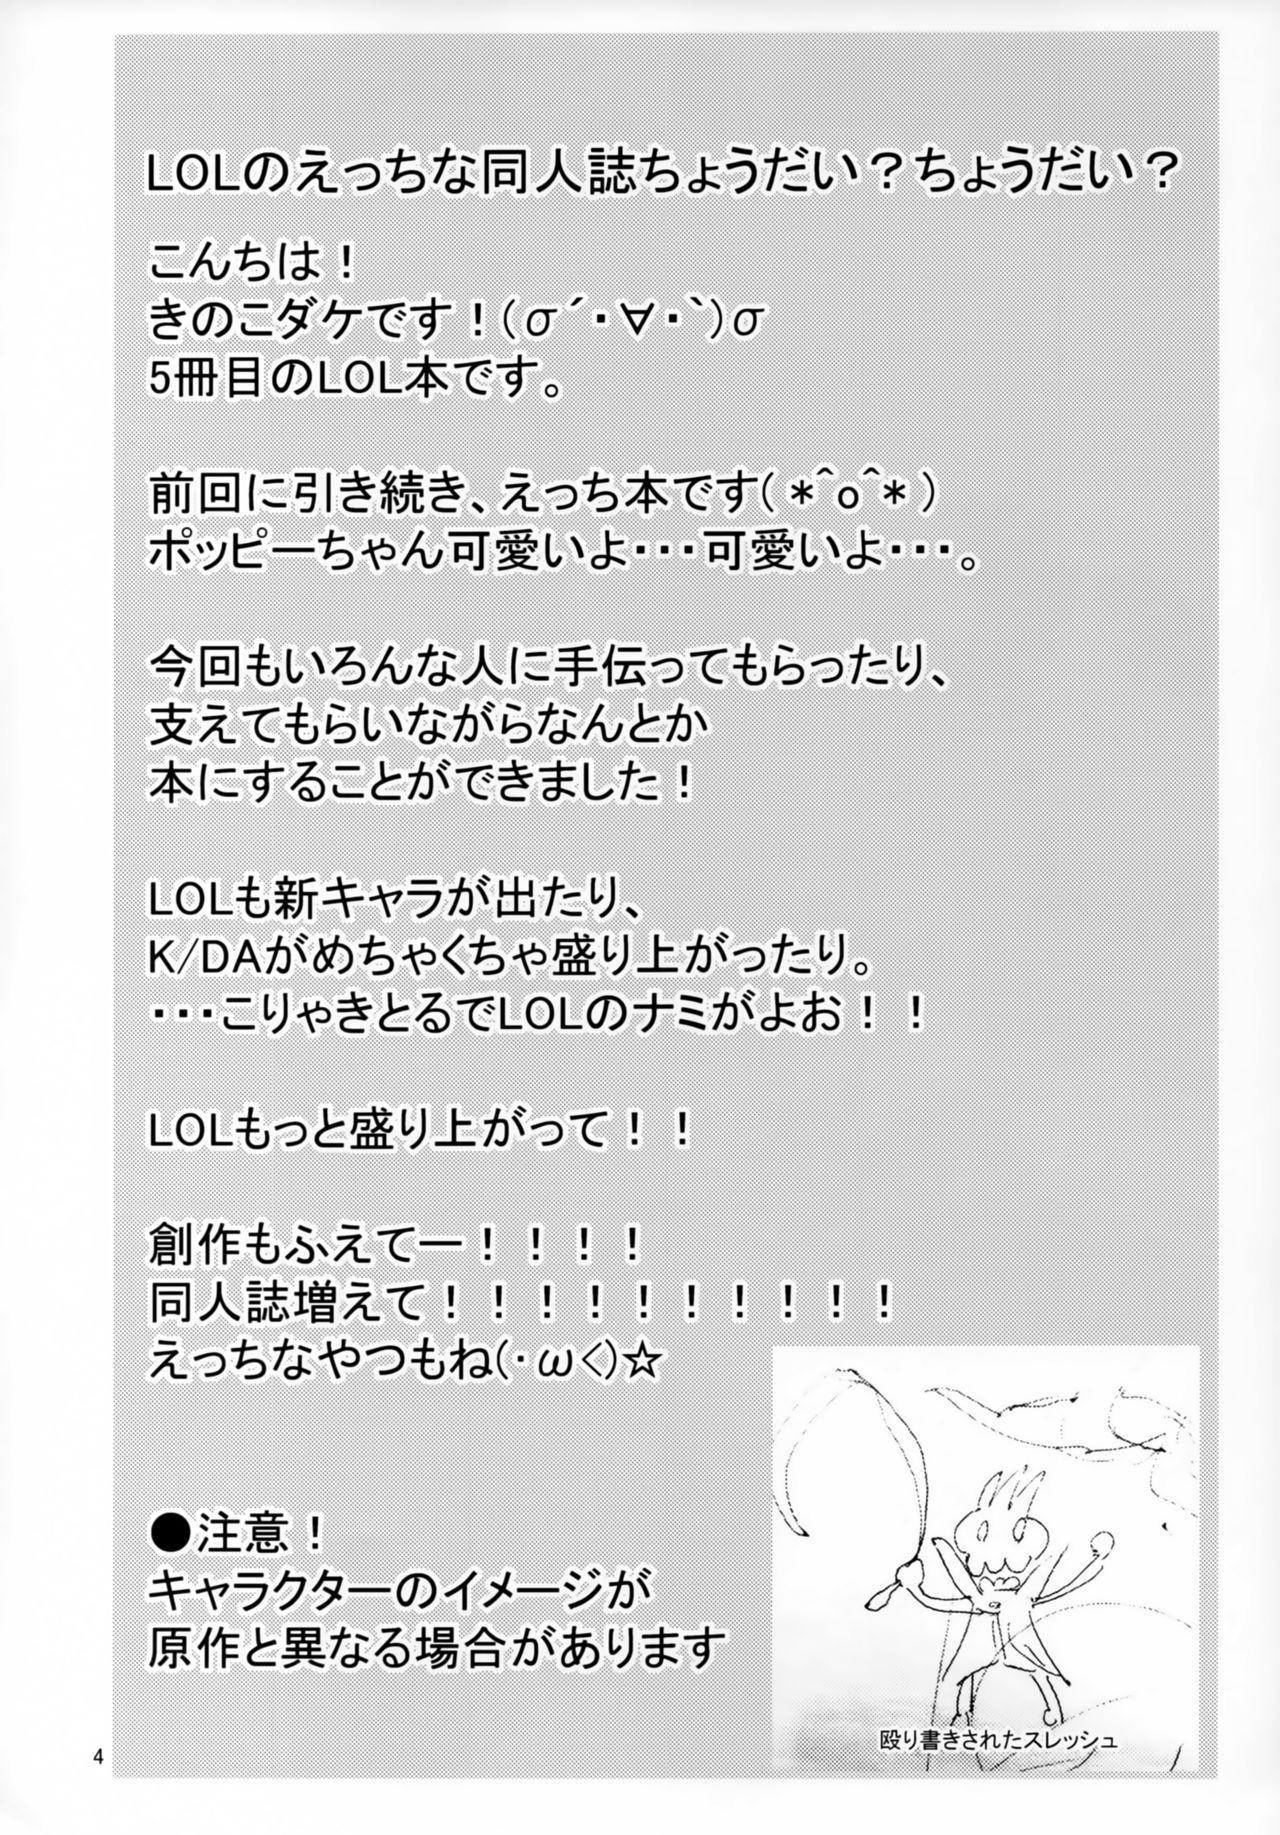 Dosukebe Yodle focus on Poppy! 3